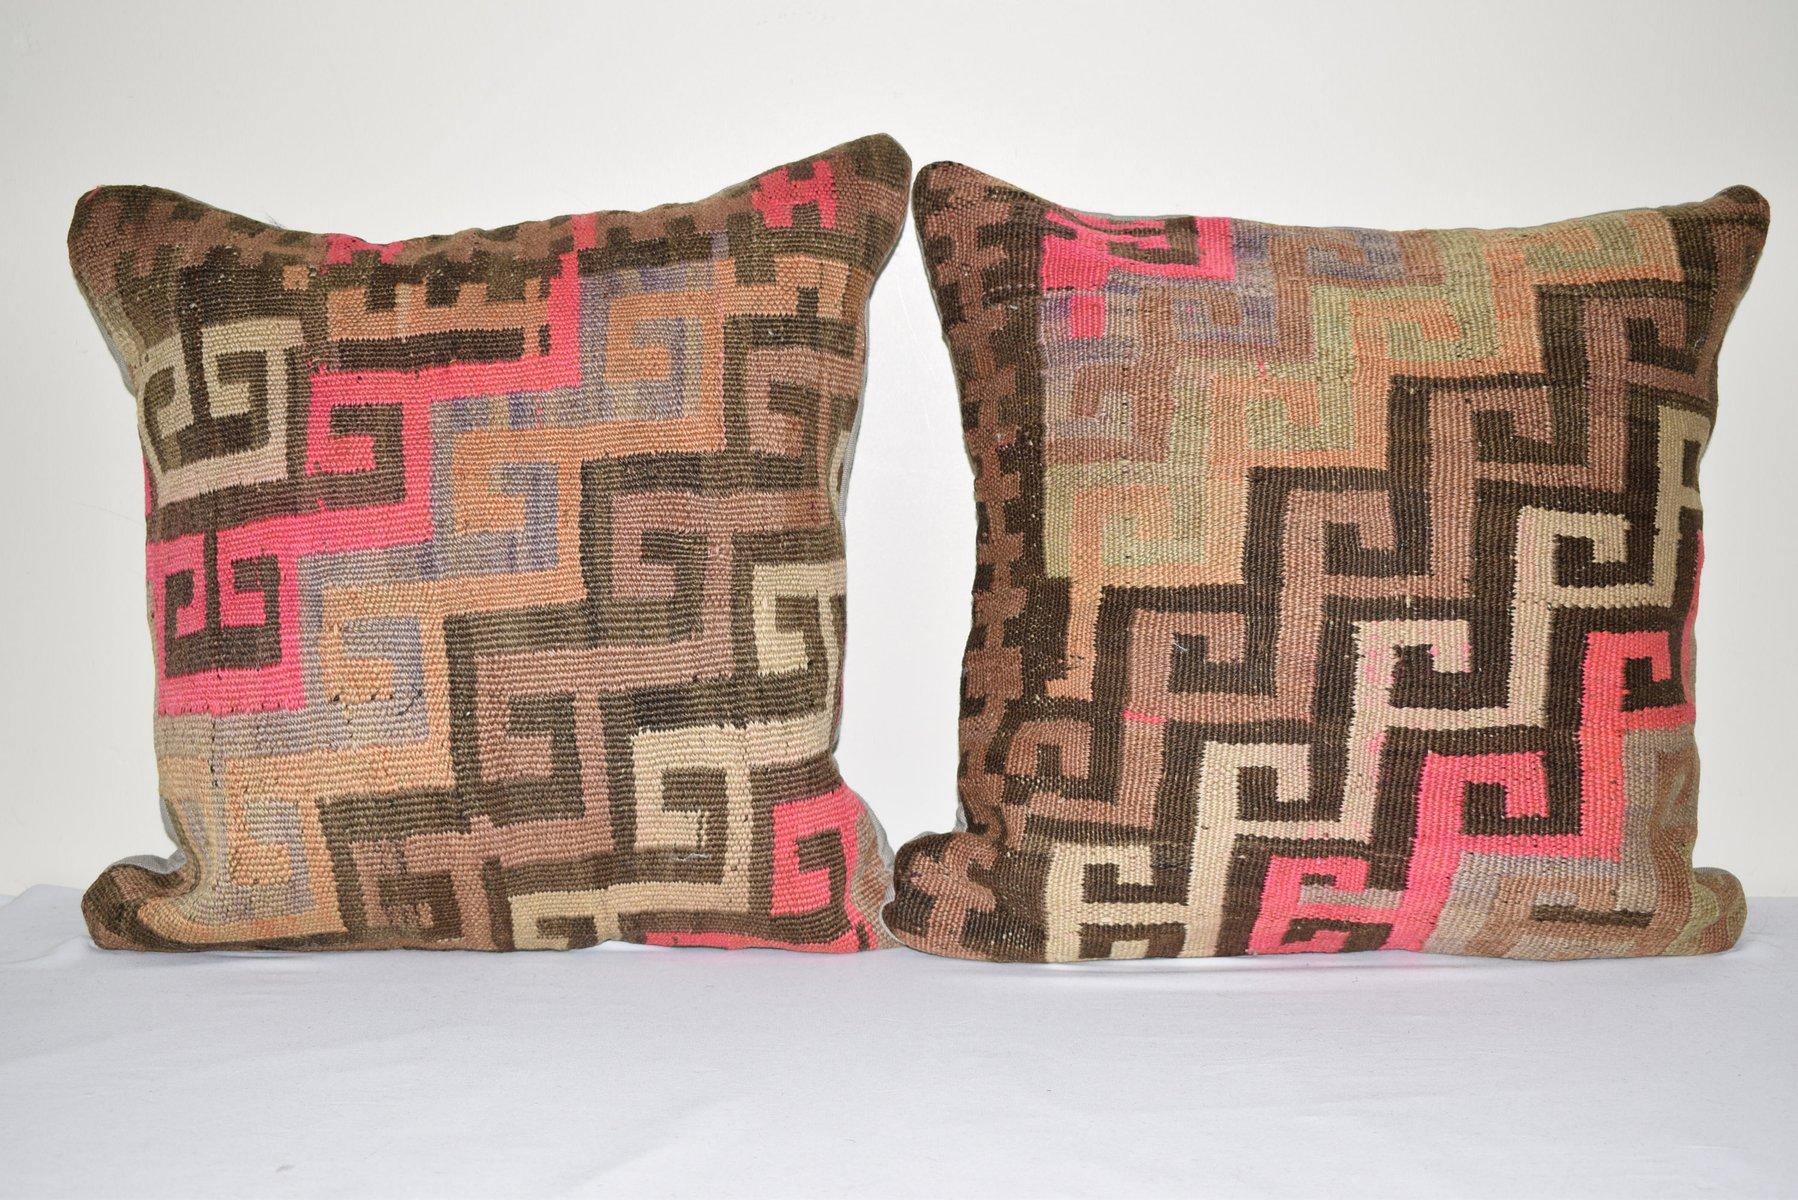 20x20 inc 50x50 cm vintage pillow rug pillow turkish rug turkish kilim kilim pillow kilim rug handmade pillow antique pillow